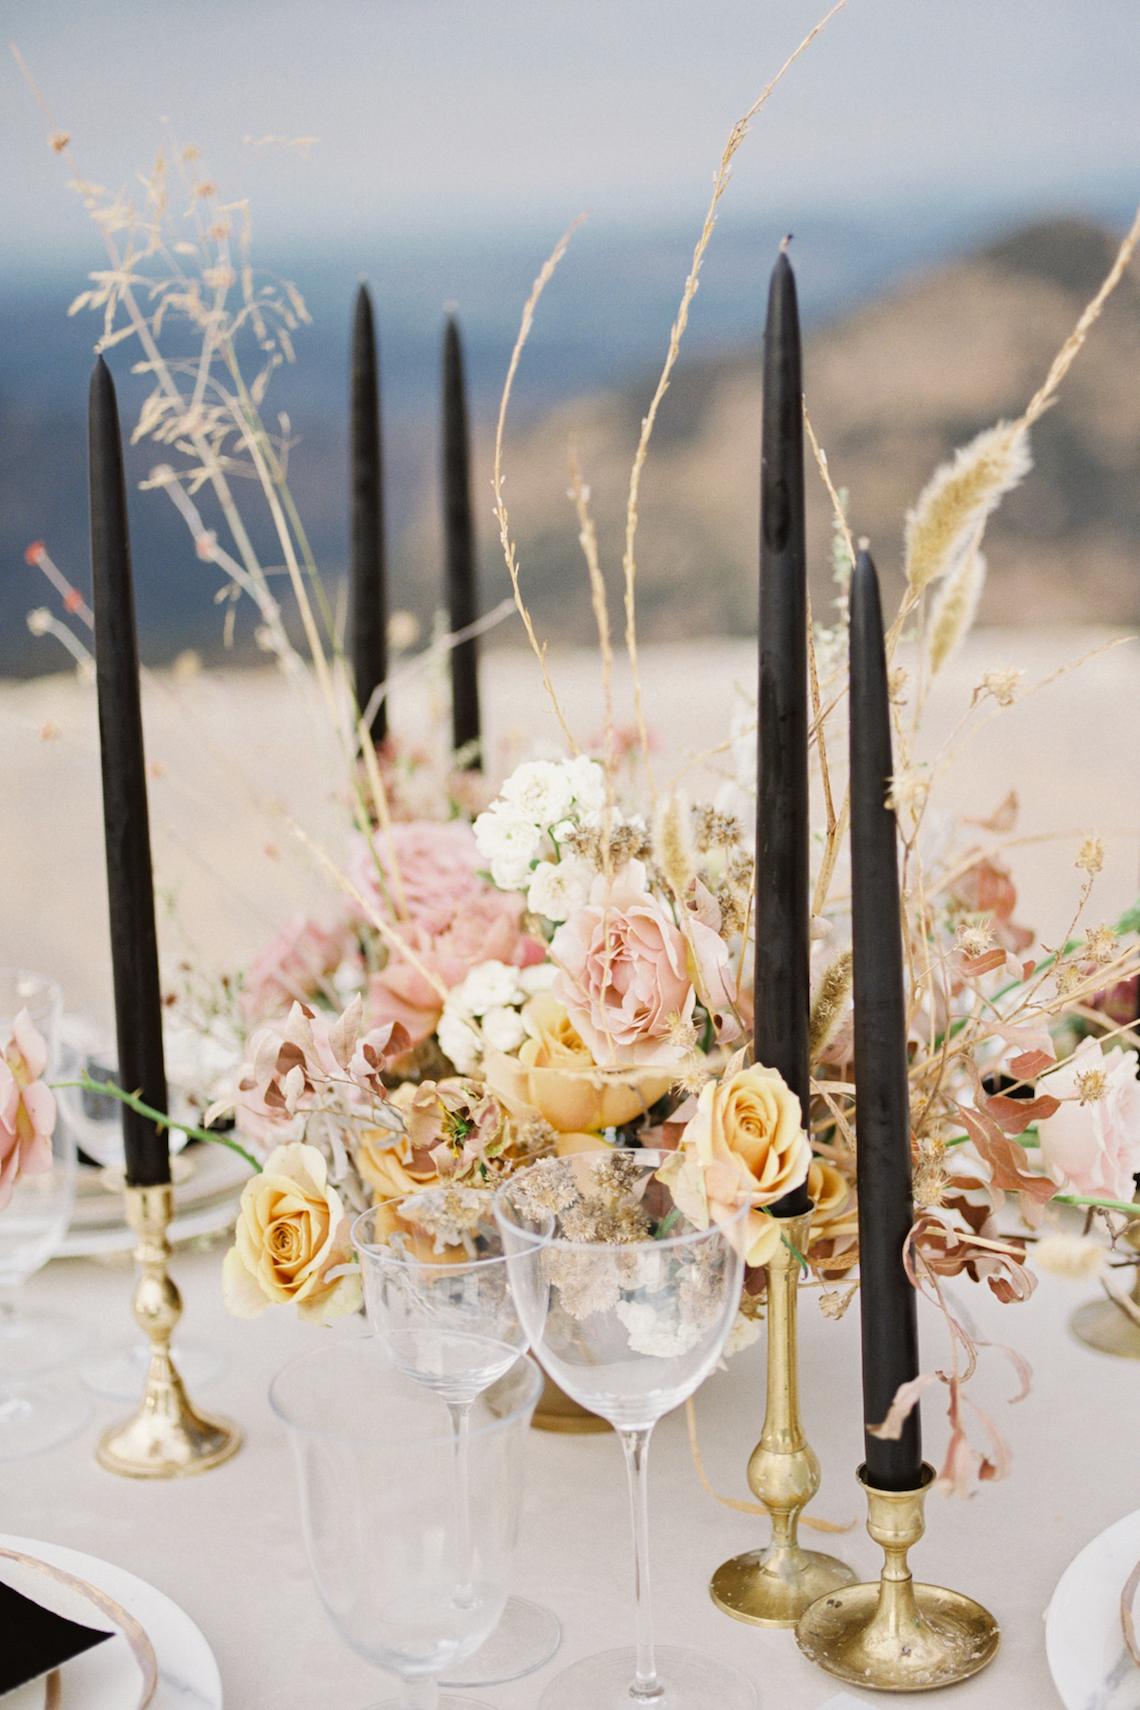 This popular Malibu wedding venue gets a stylish modern bold new look